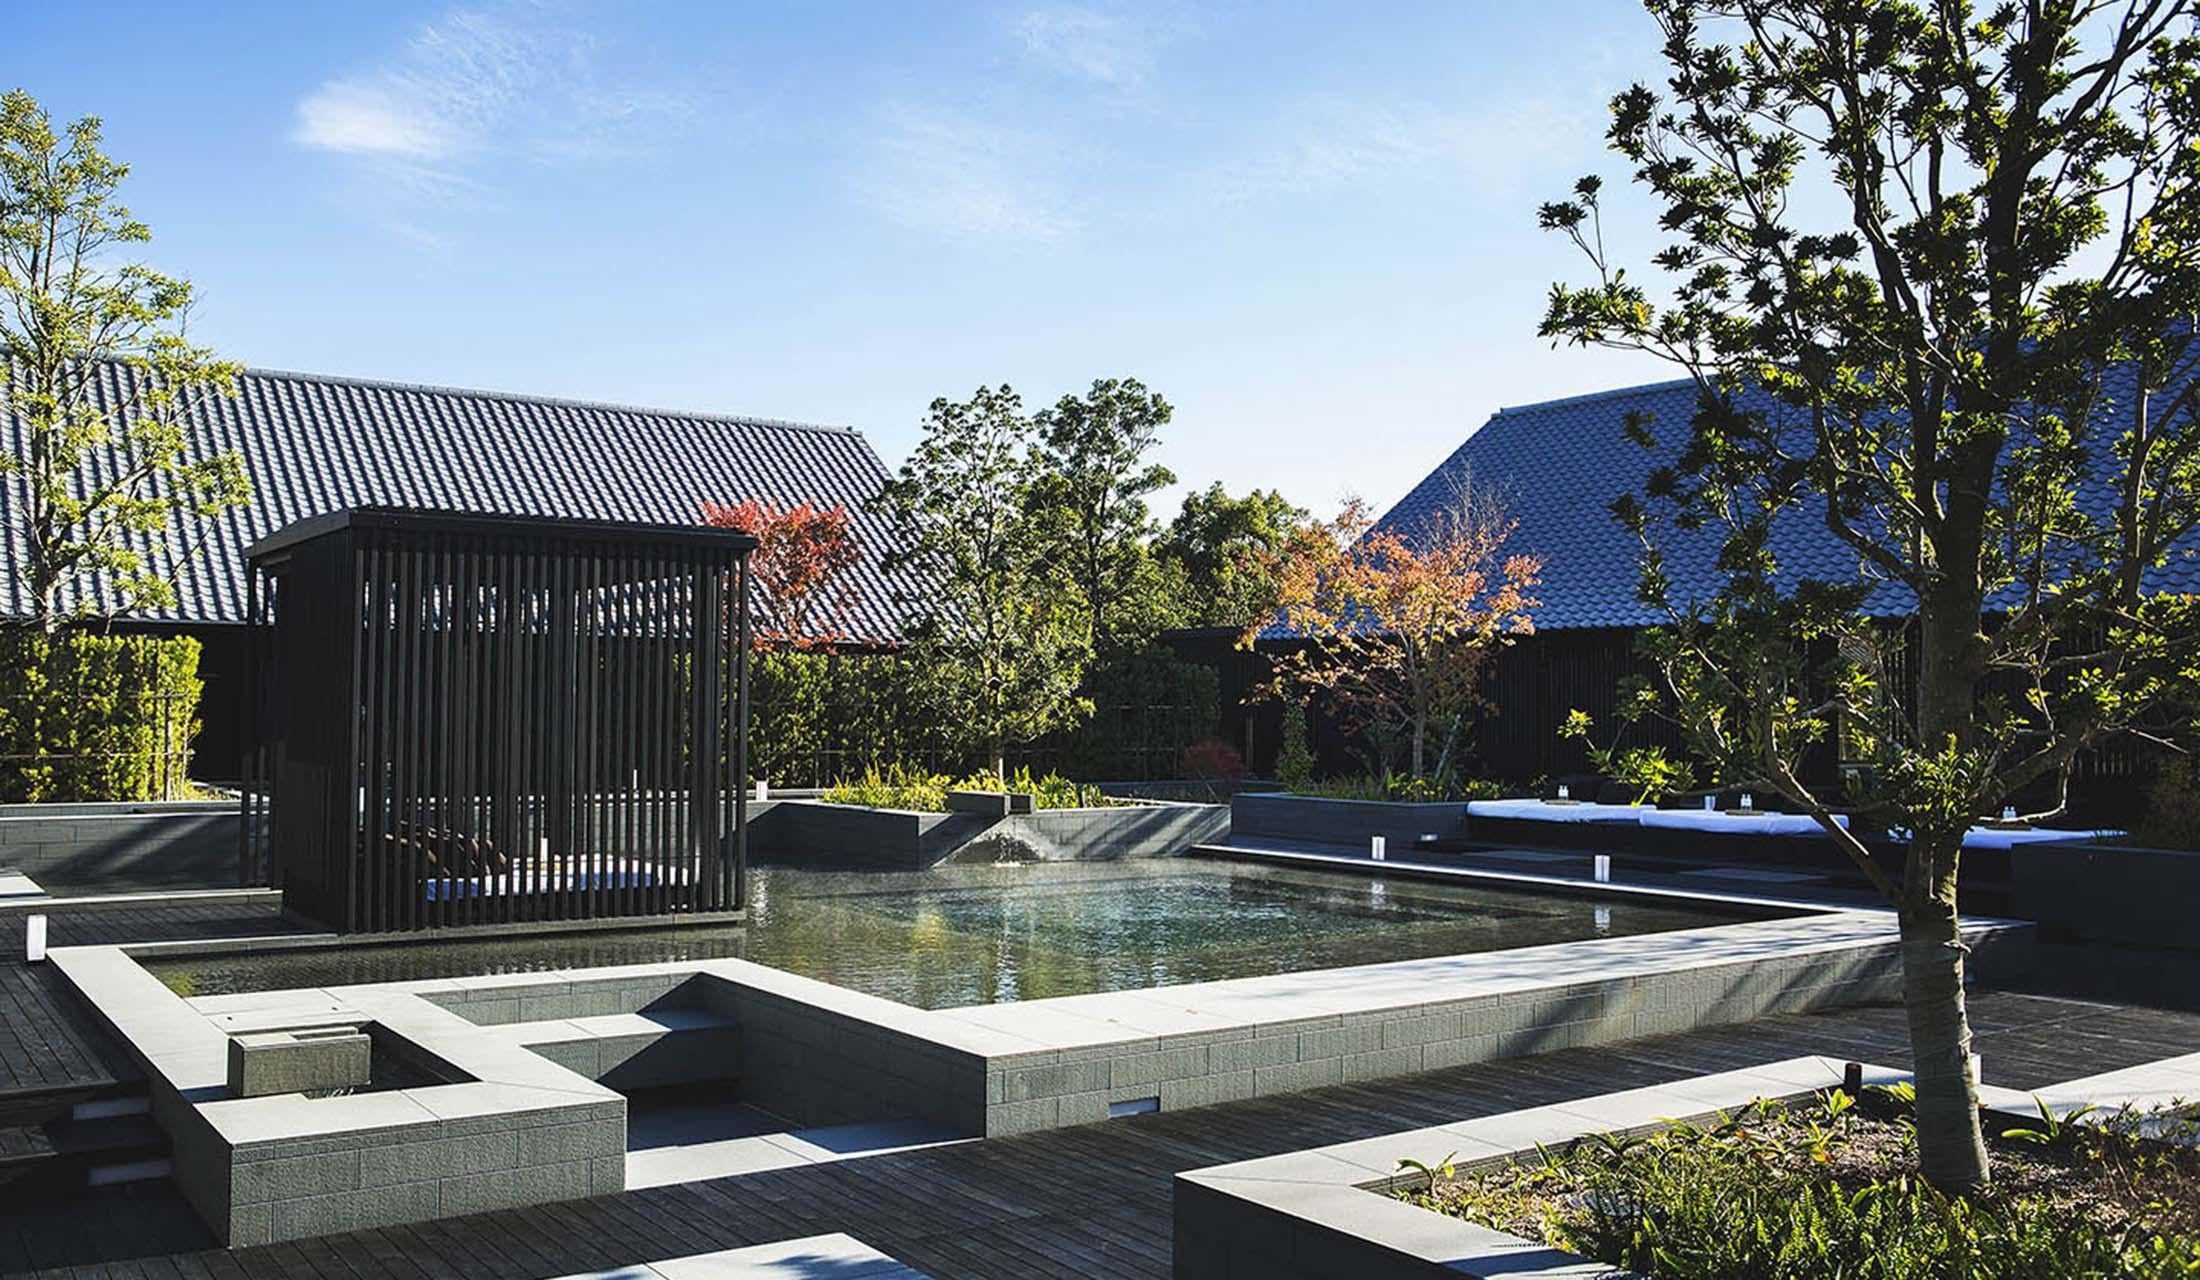 三重県・伊勢志摩にあるアマンのリゾート「アマネム」で「アマネム パーソナル ウェルネス イマージョン」がスタート。